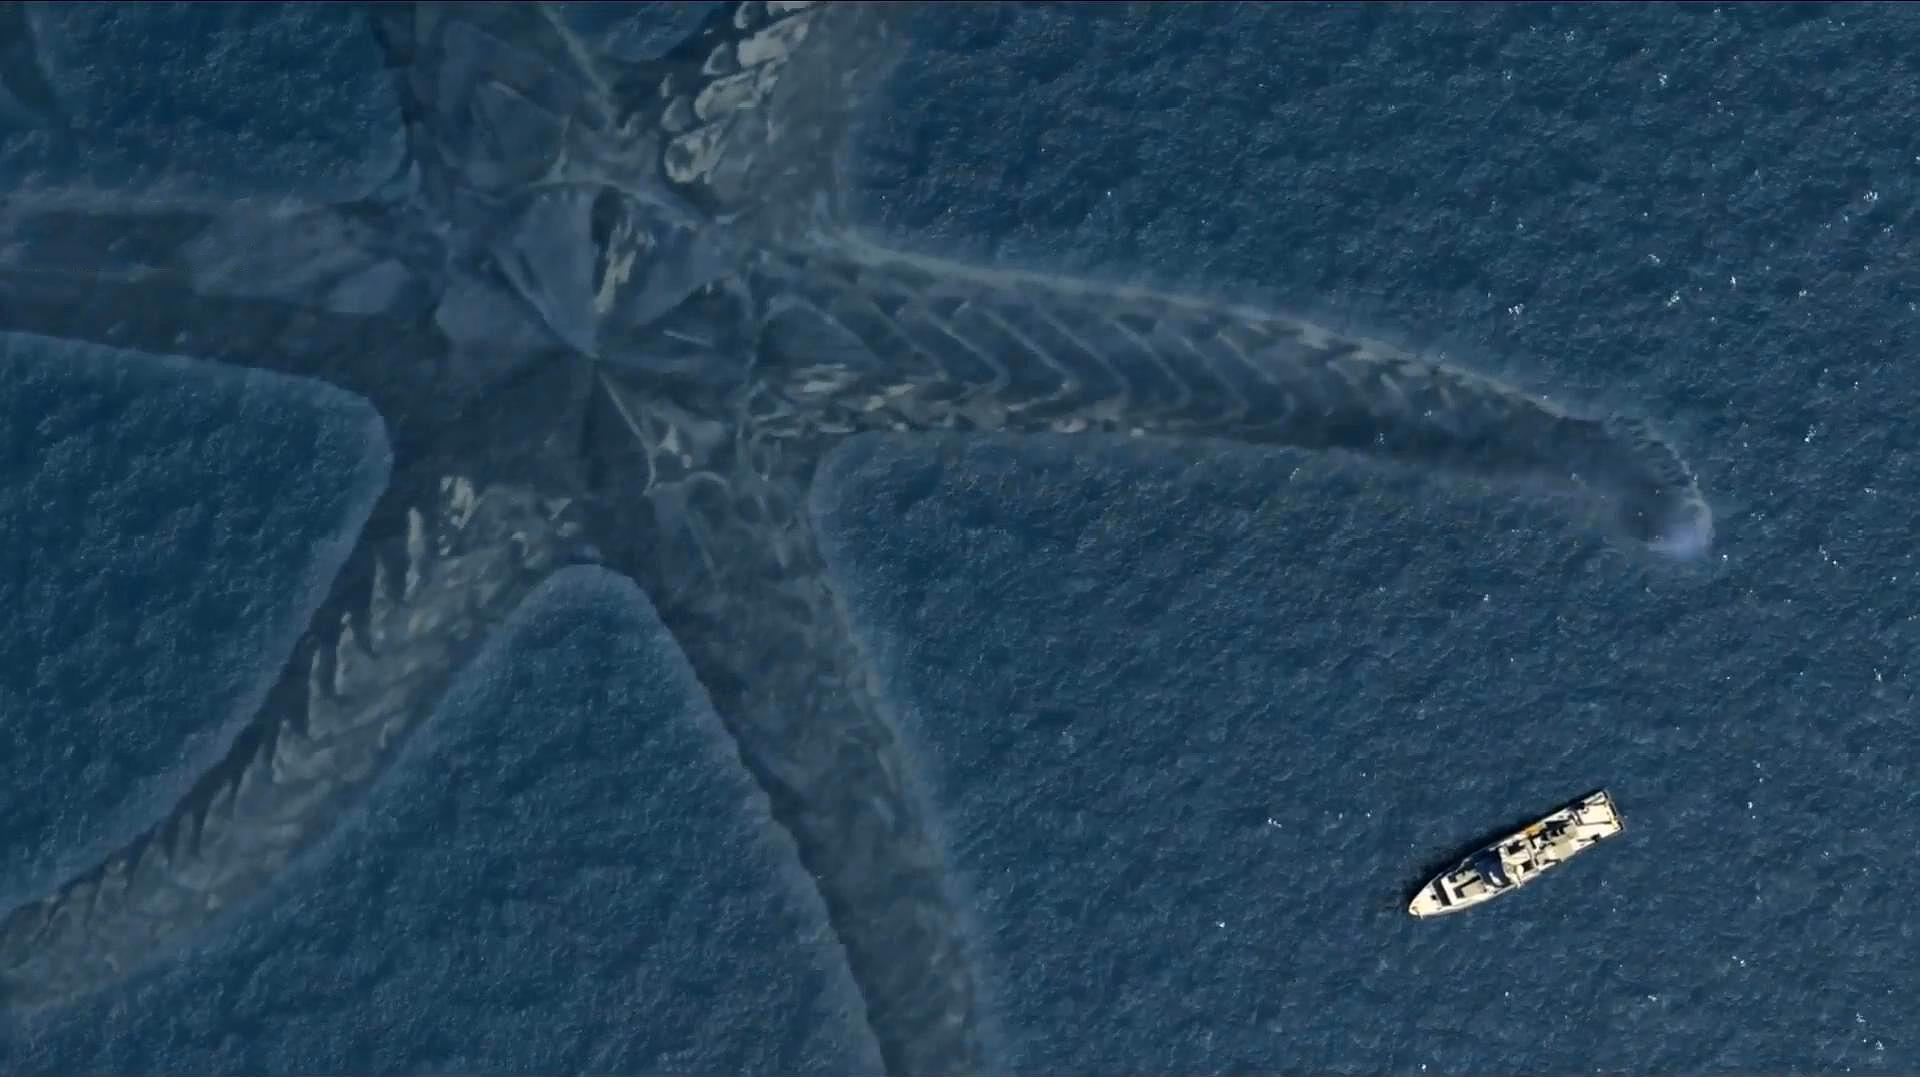 2019最新劲爆怪兽电影 科学家在海底发现海怪 美军对其展开攻击